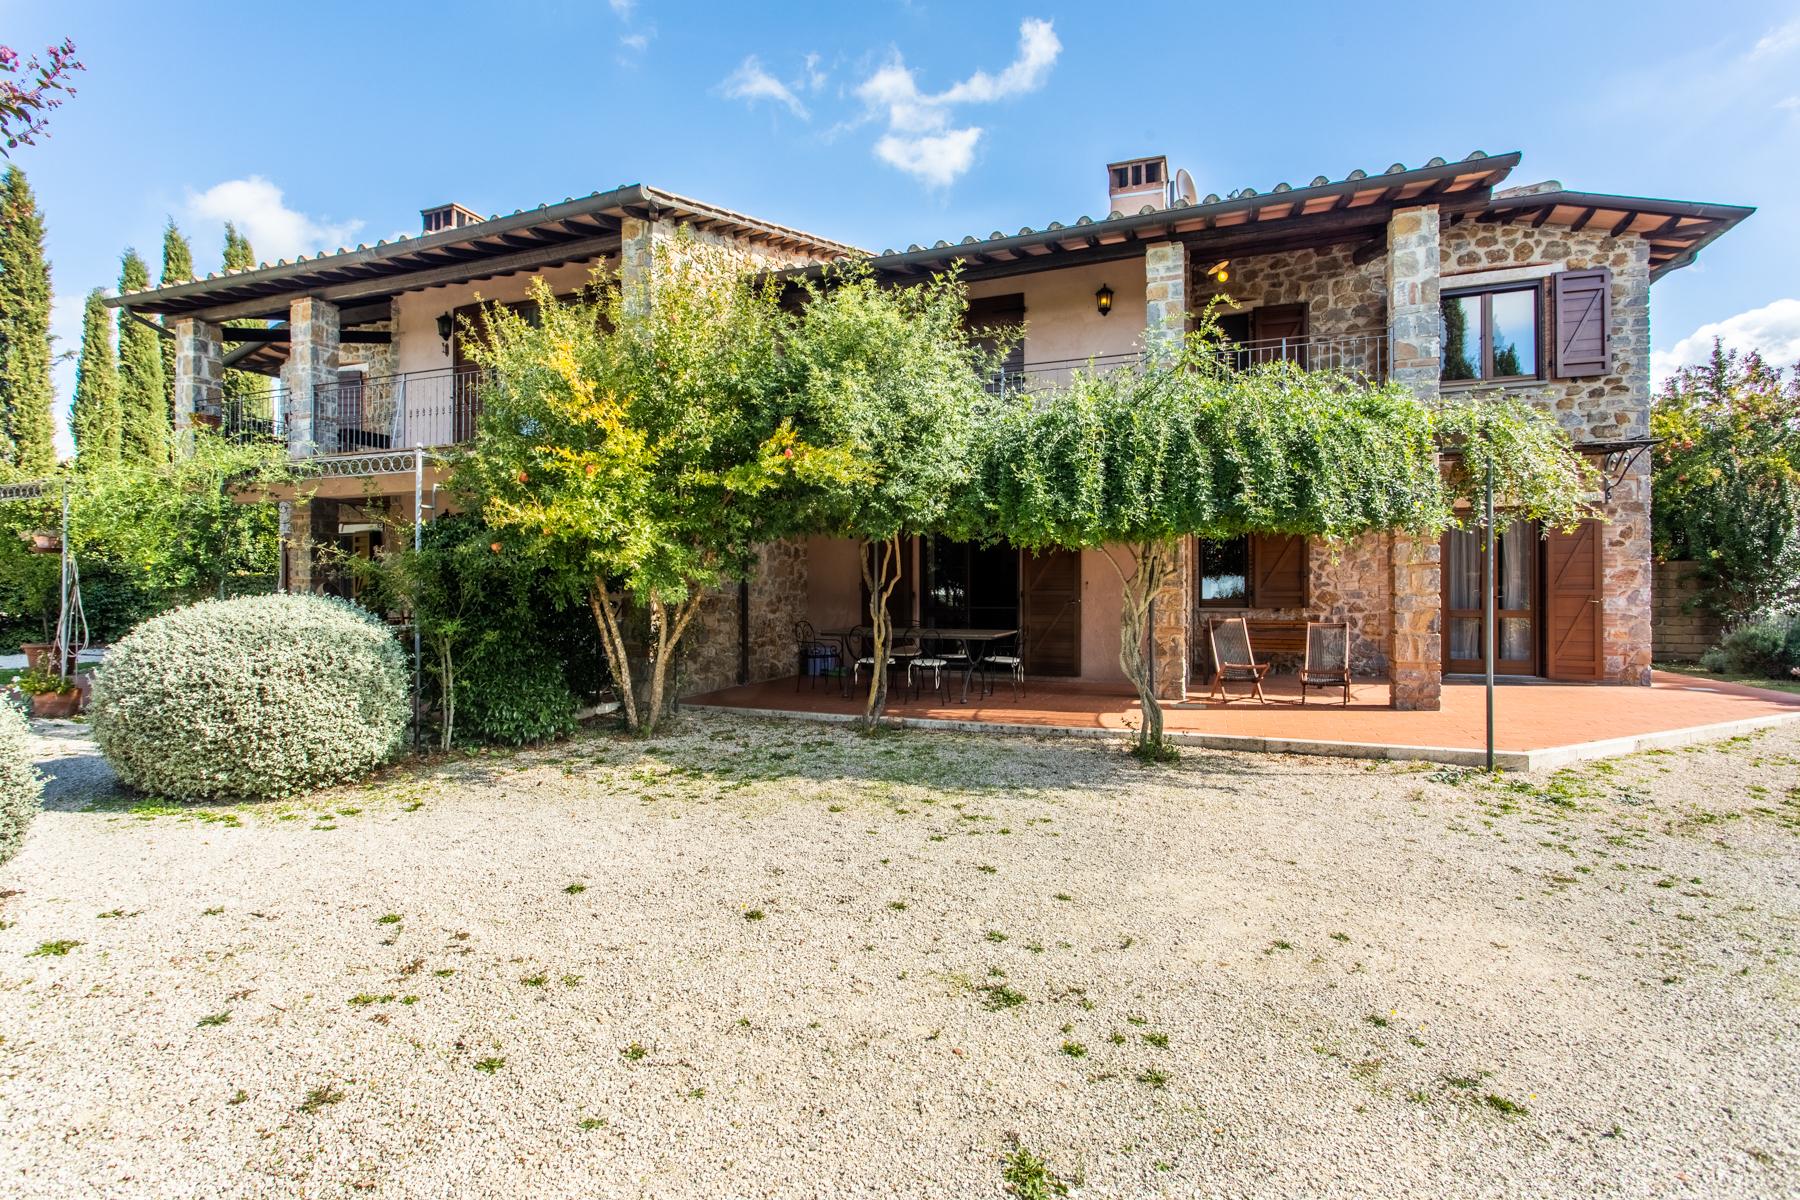 Rustico in Vendita a Manciano: 5 locali, 520 mq - Foto 5